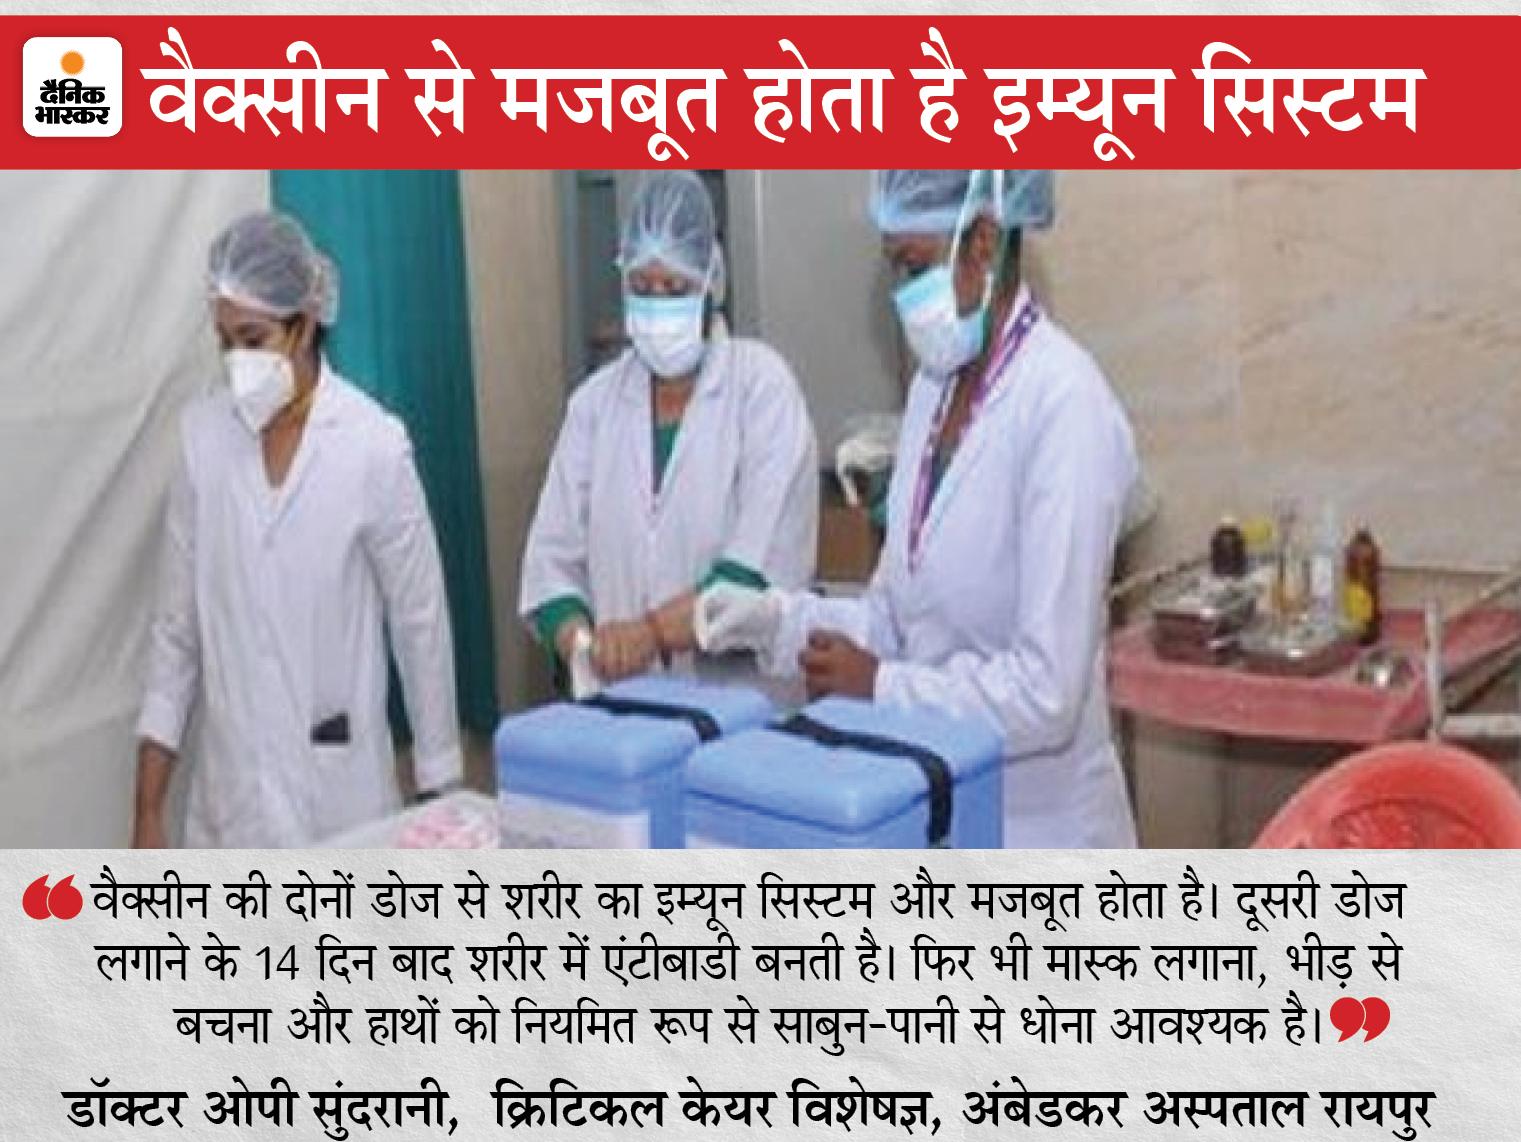 टीके की दूसरी डोज से जुड़ी अफवाहों के खिलाफ सामने आए विशेषज्ञ, सरकार और यूनिसेफ के विशेषज्ञों ने कहा- संक्रमित होने की बात गलत रायपुर,Raipur - Dainik Bhaskar